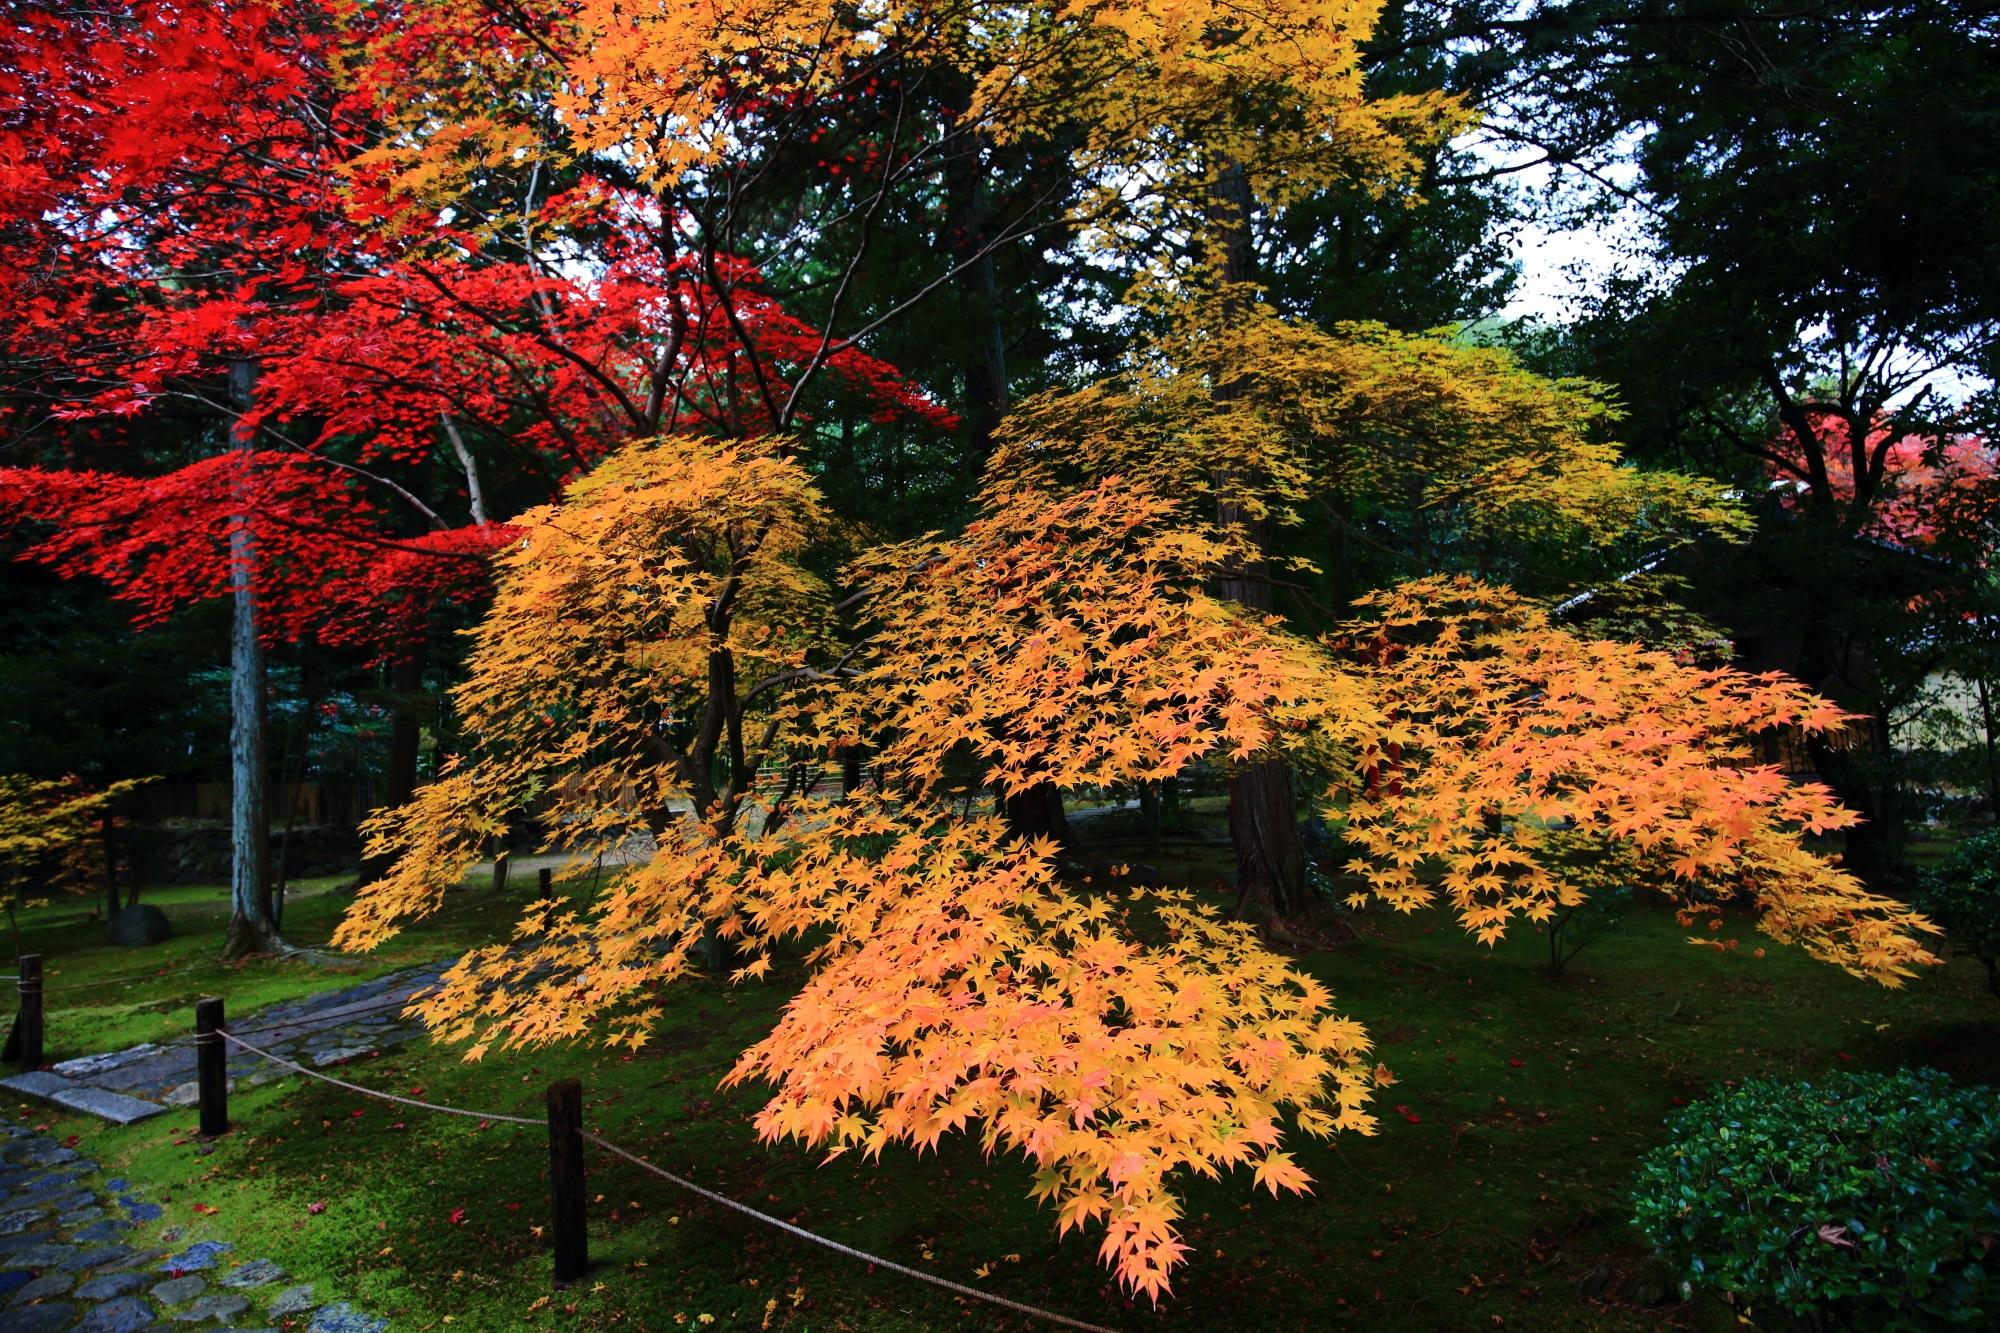 嵐山の鹿王院(ろくおういん)の参道の見ごろの紅葉